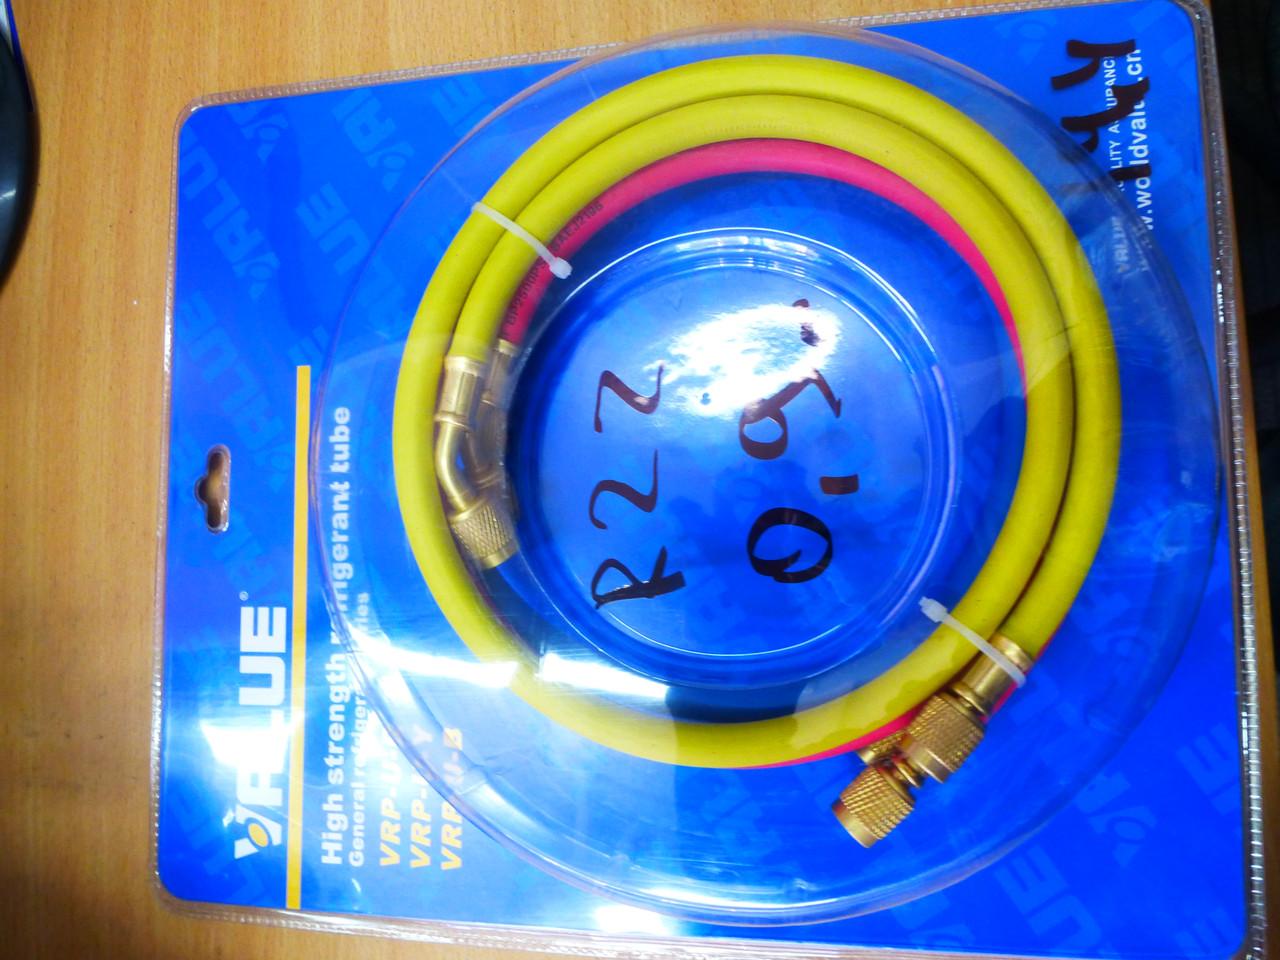 Комплект заправочных шлангов  VALUE  R 22 -1,5м с краном ,3 шт